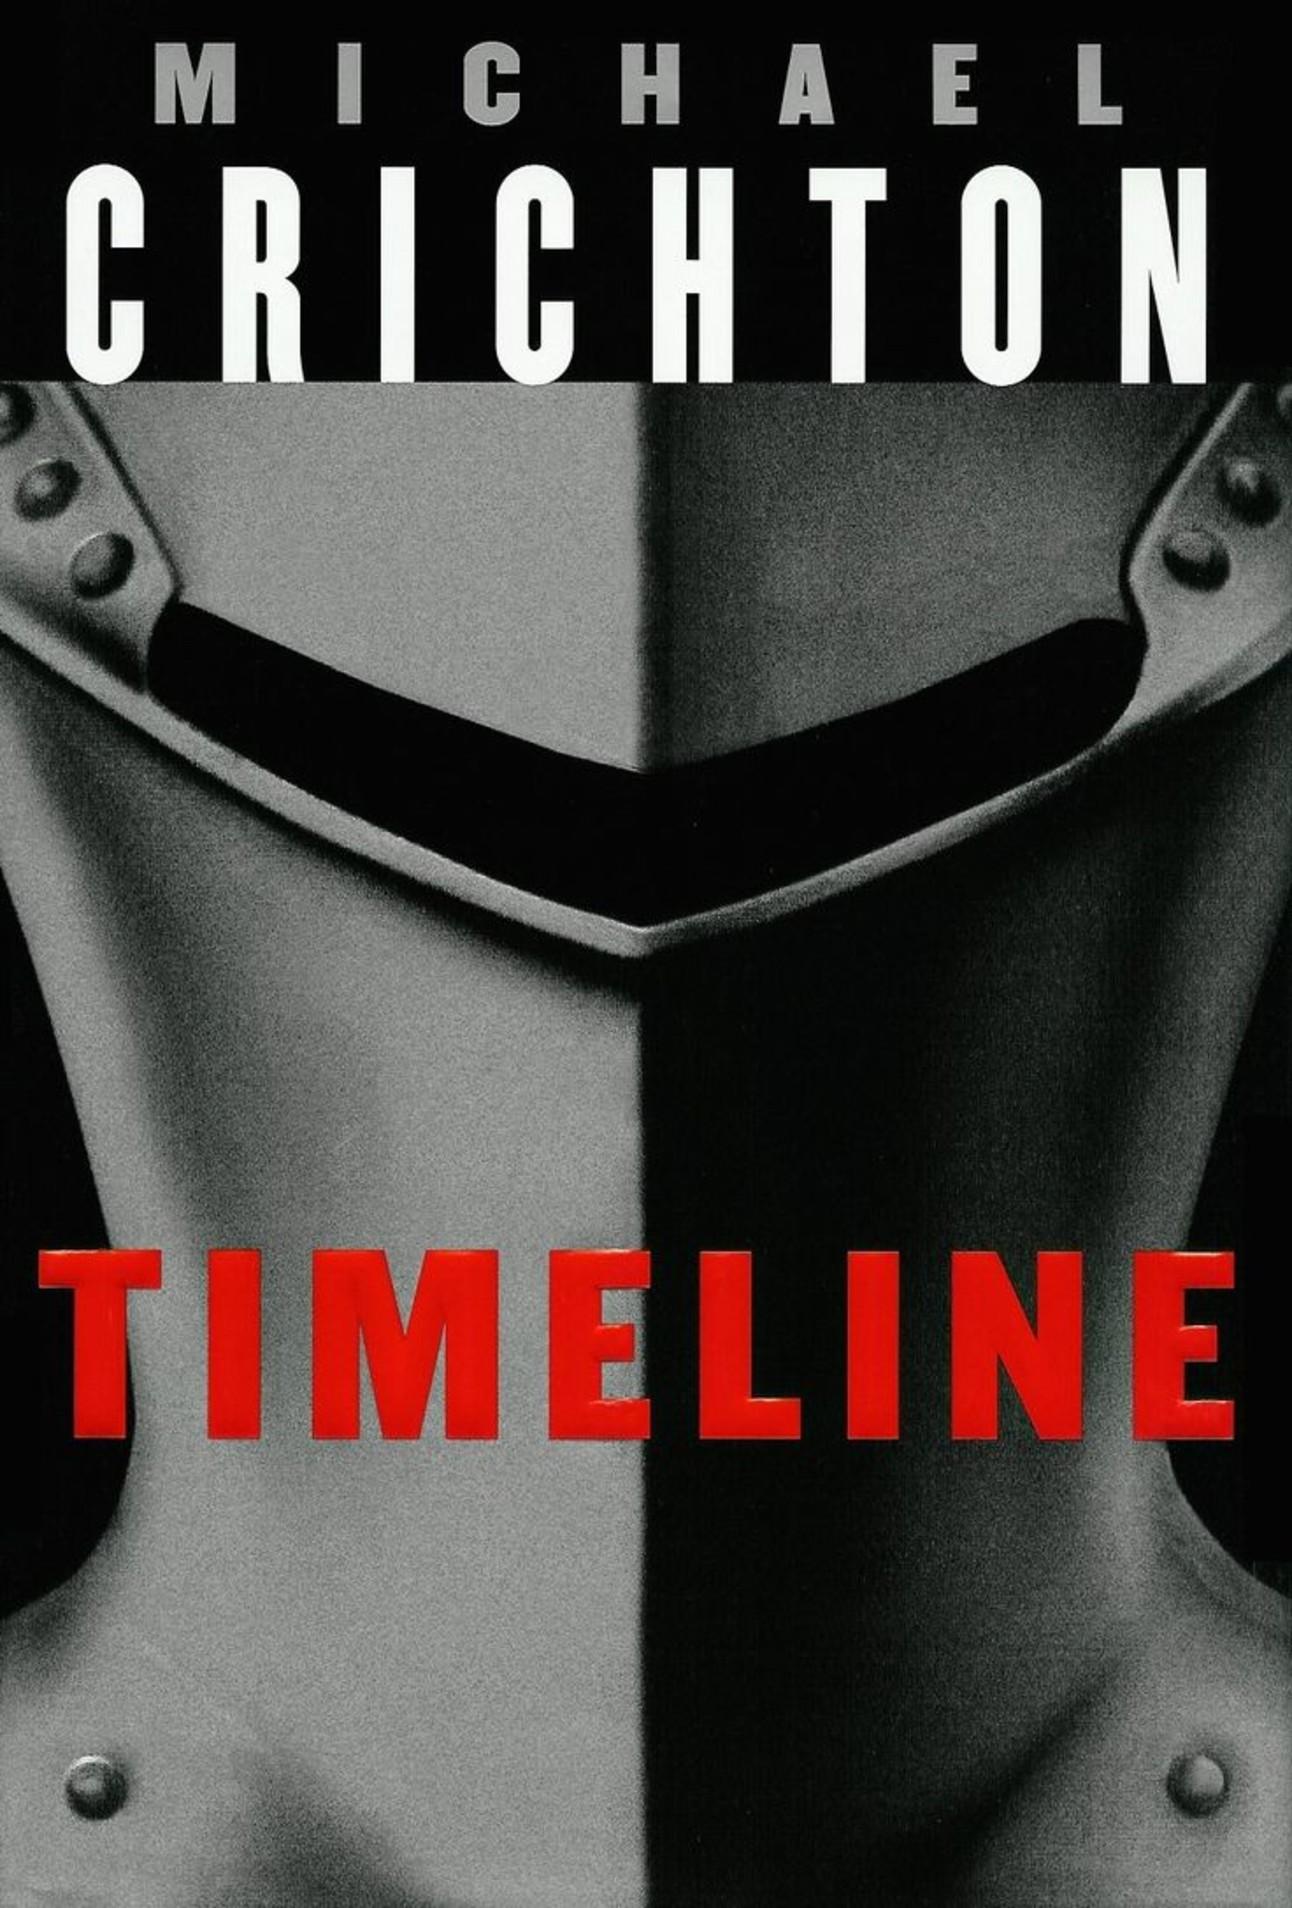 468aaad4a919640ed700b350b29636fd-timeline-michael-crichton-good-books.jpg